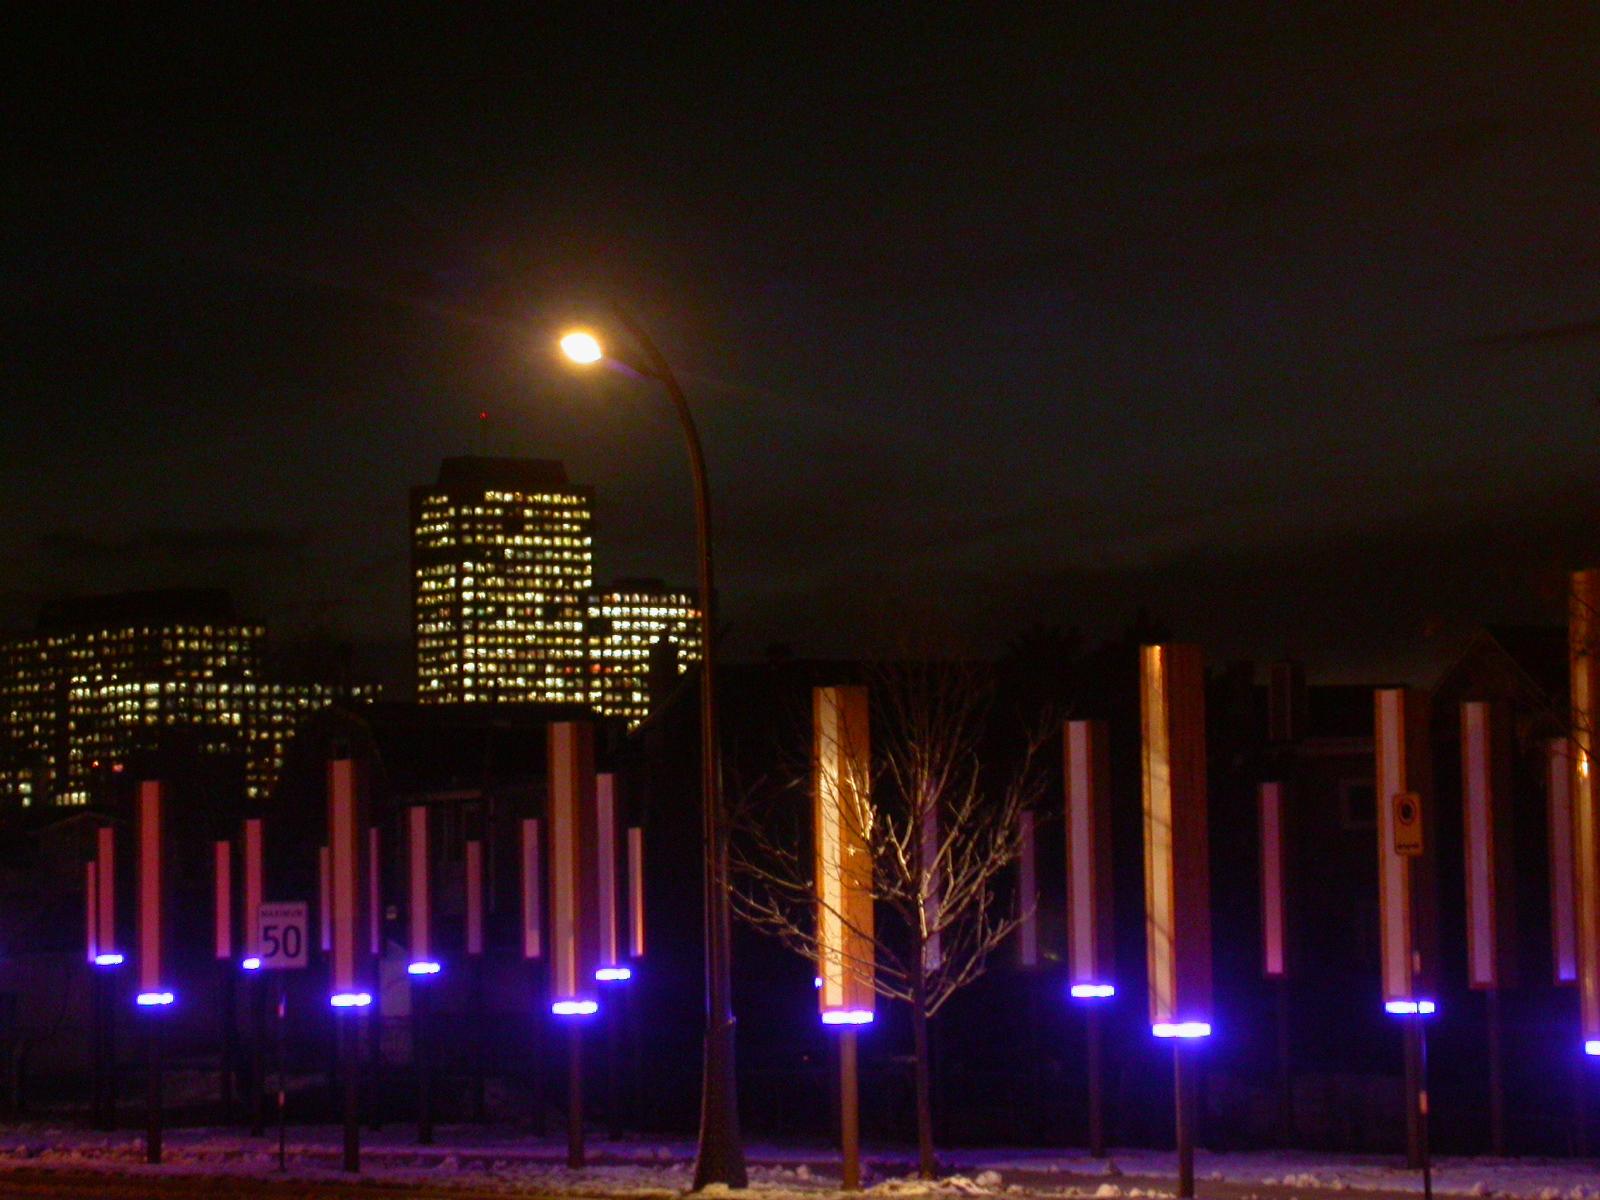 Étude lumière urbaine